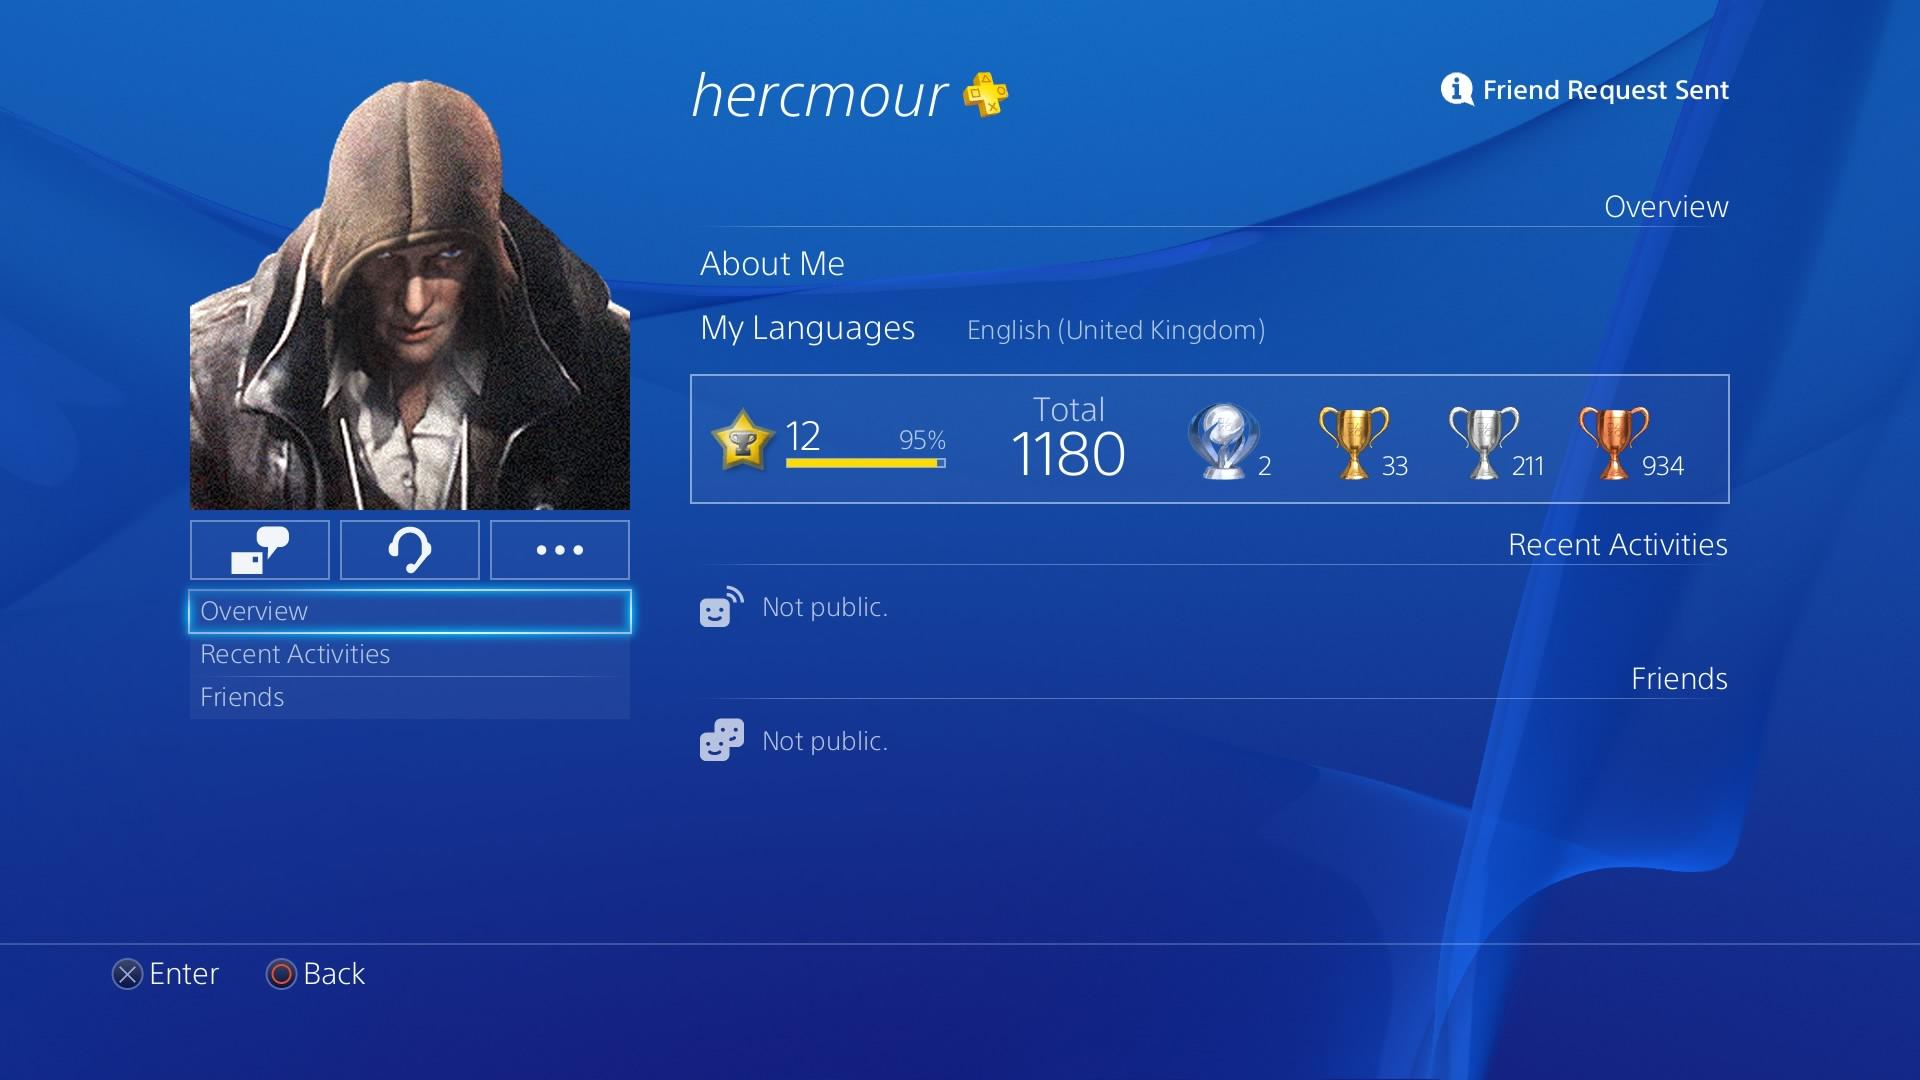 hercmour.jpg